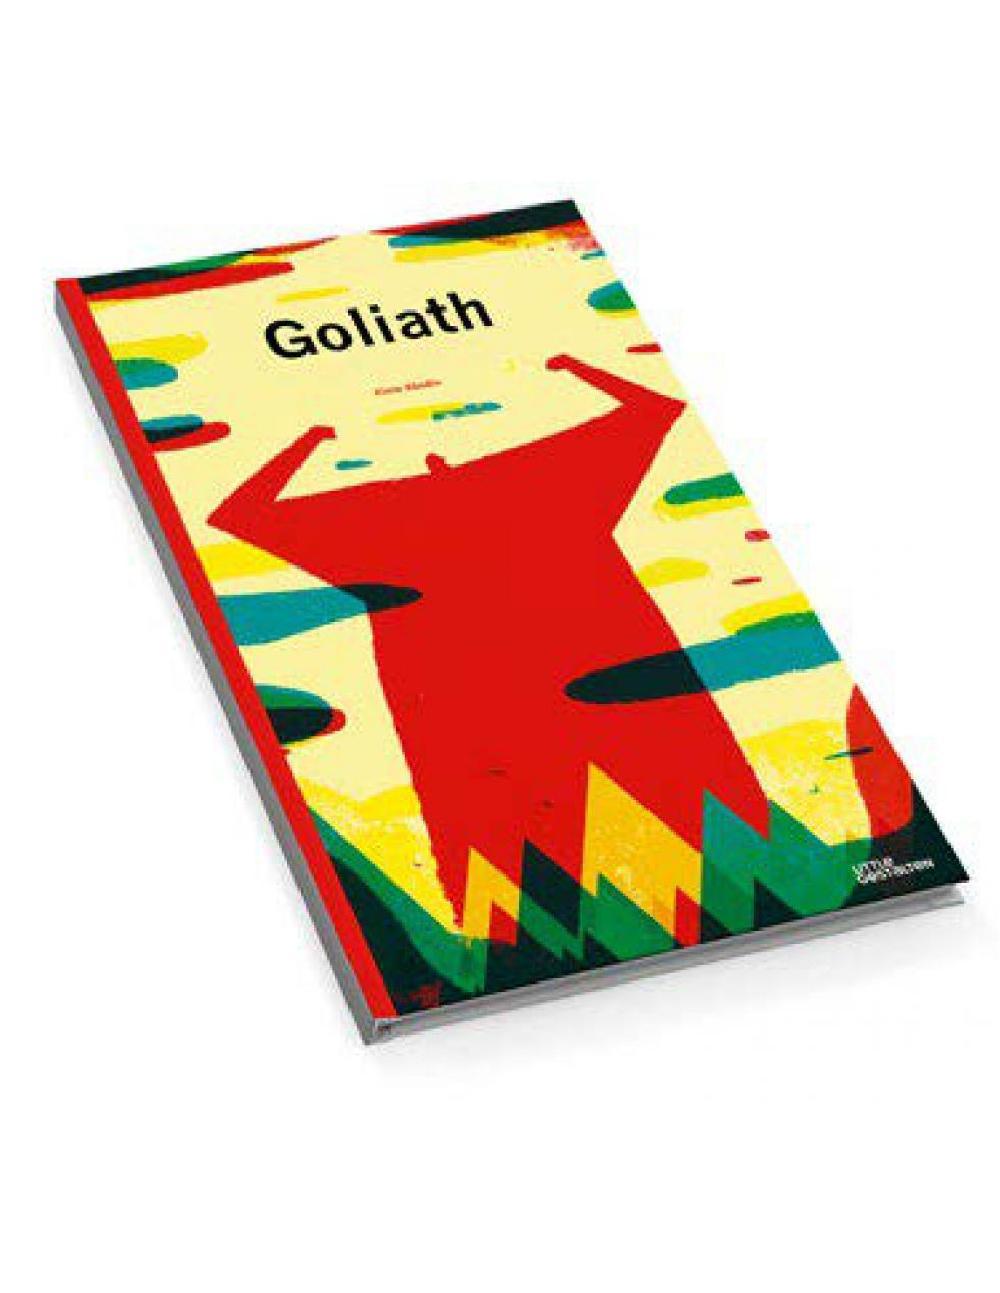 GOLIATH un garçon pas comme les autres